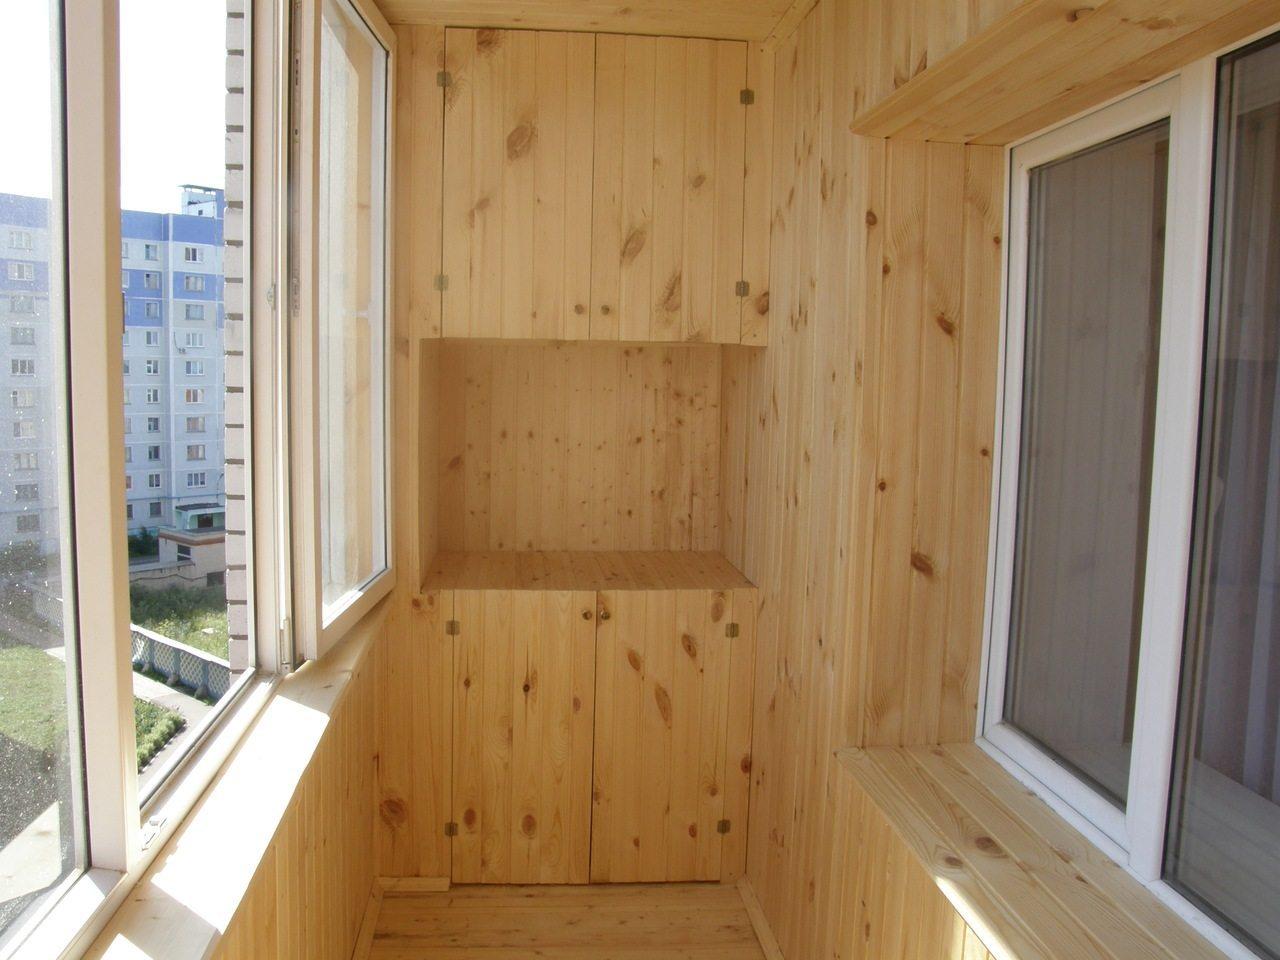 Как обшить балкон вагонкой своими руками: инструкция, схемы .